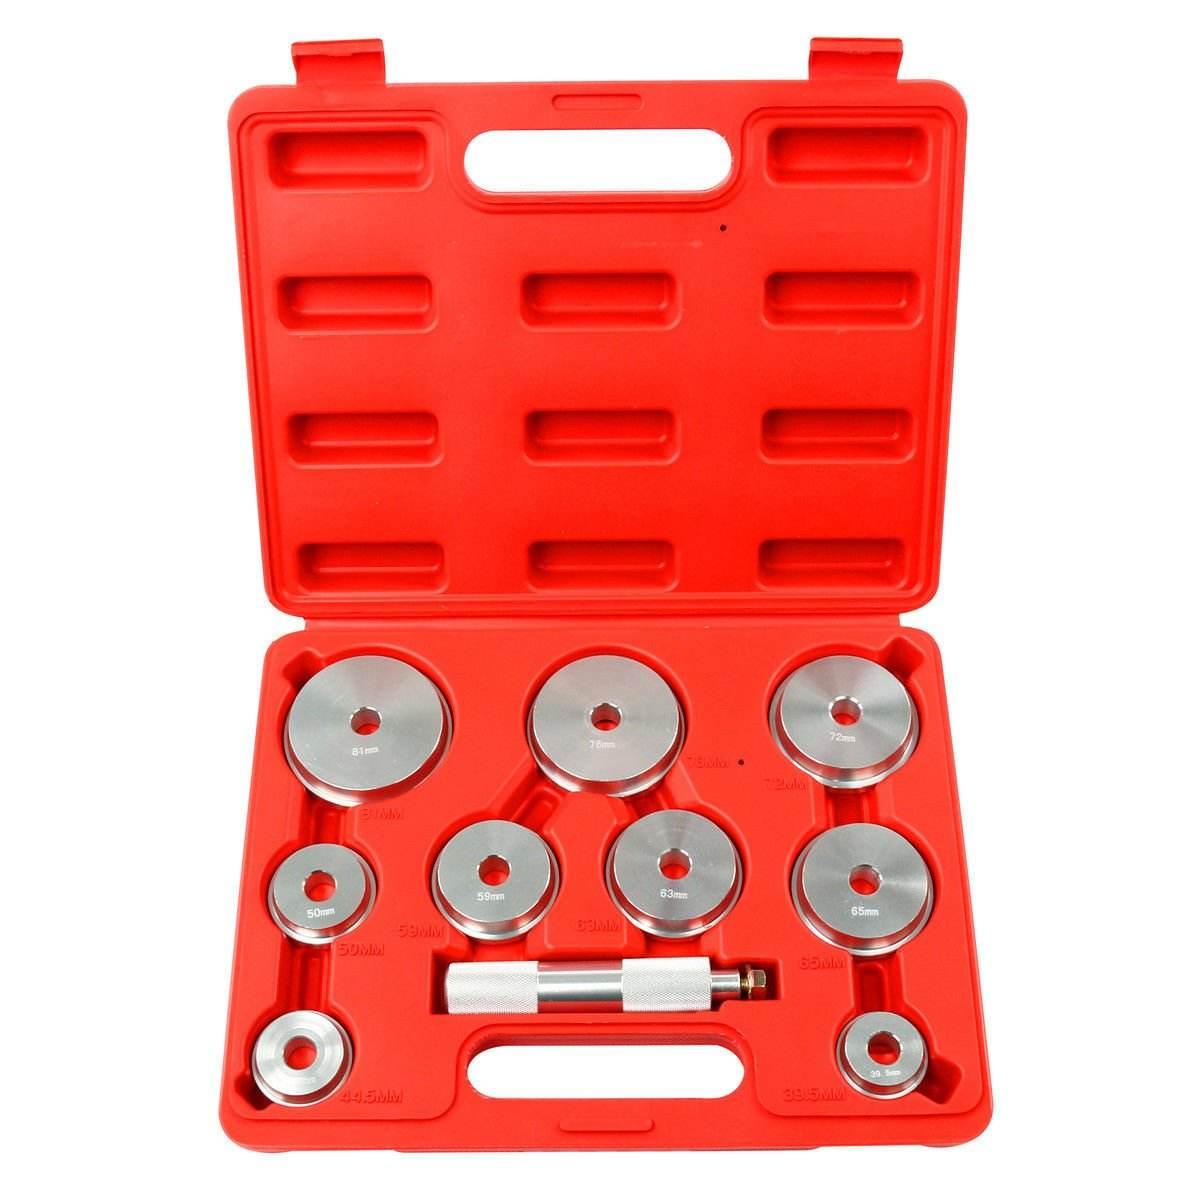 10 шт. алюминиевый подшипник гонки и печать драйвер установить мастер комплект вал и адаптер